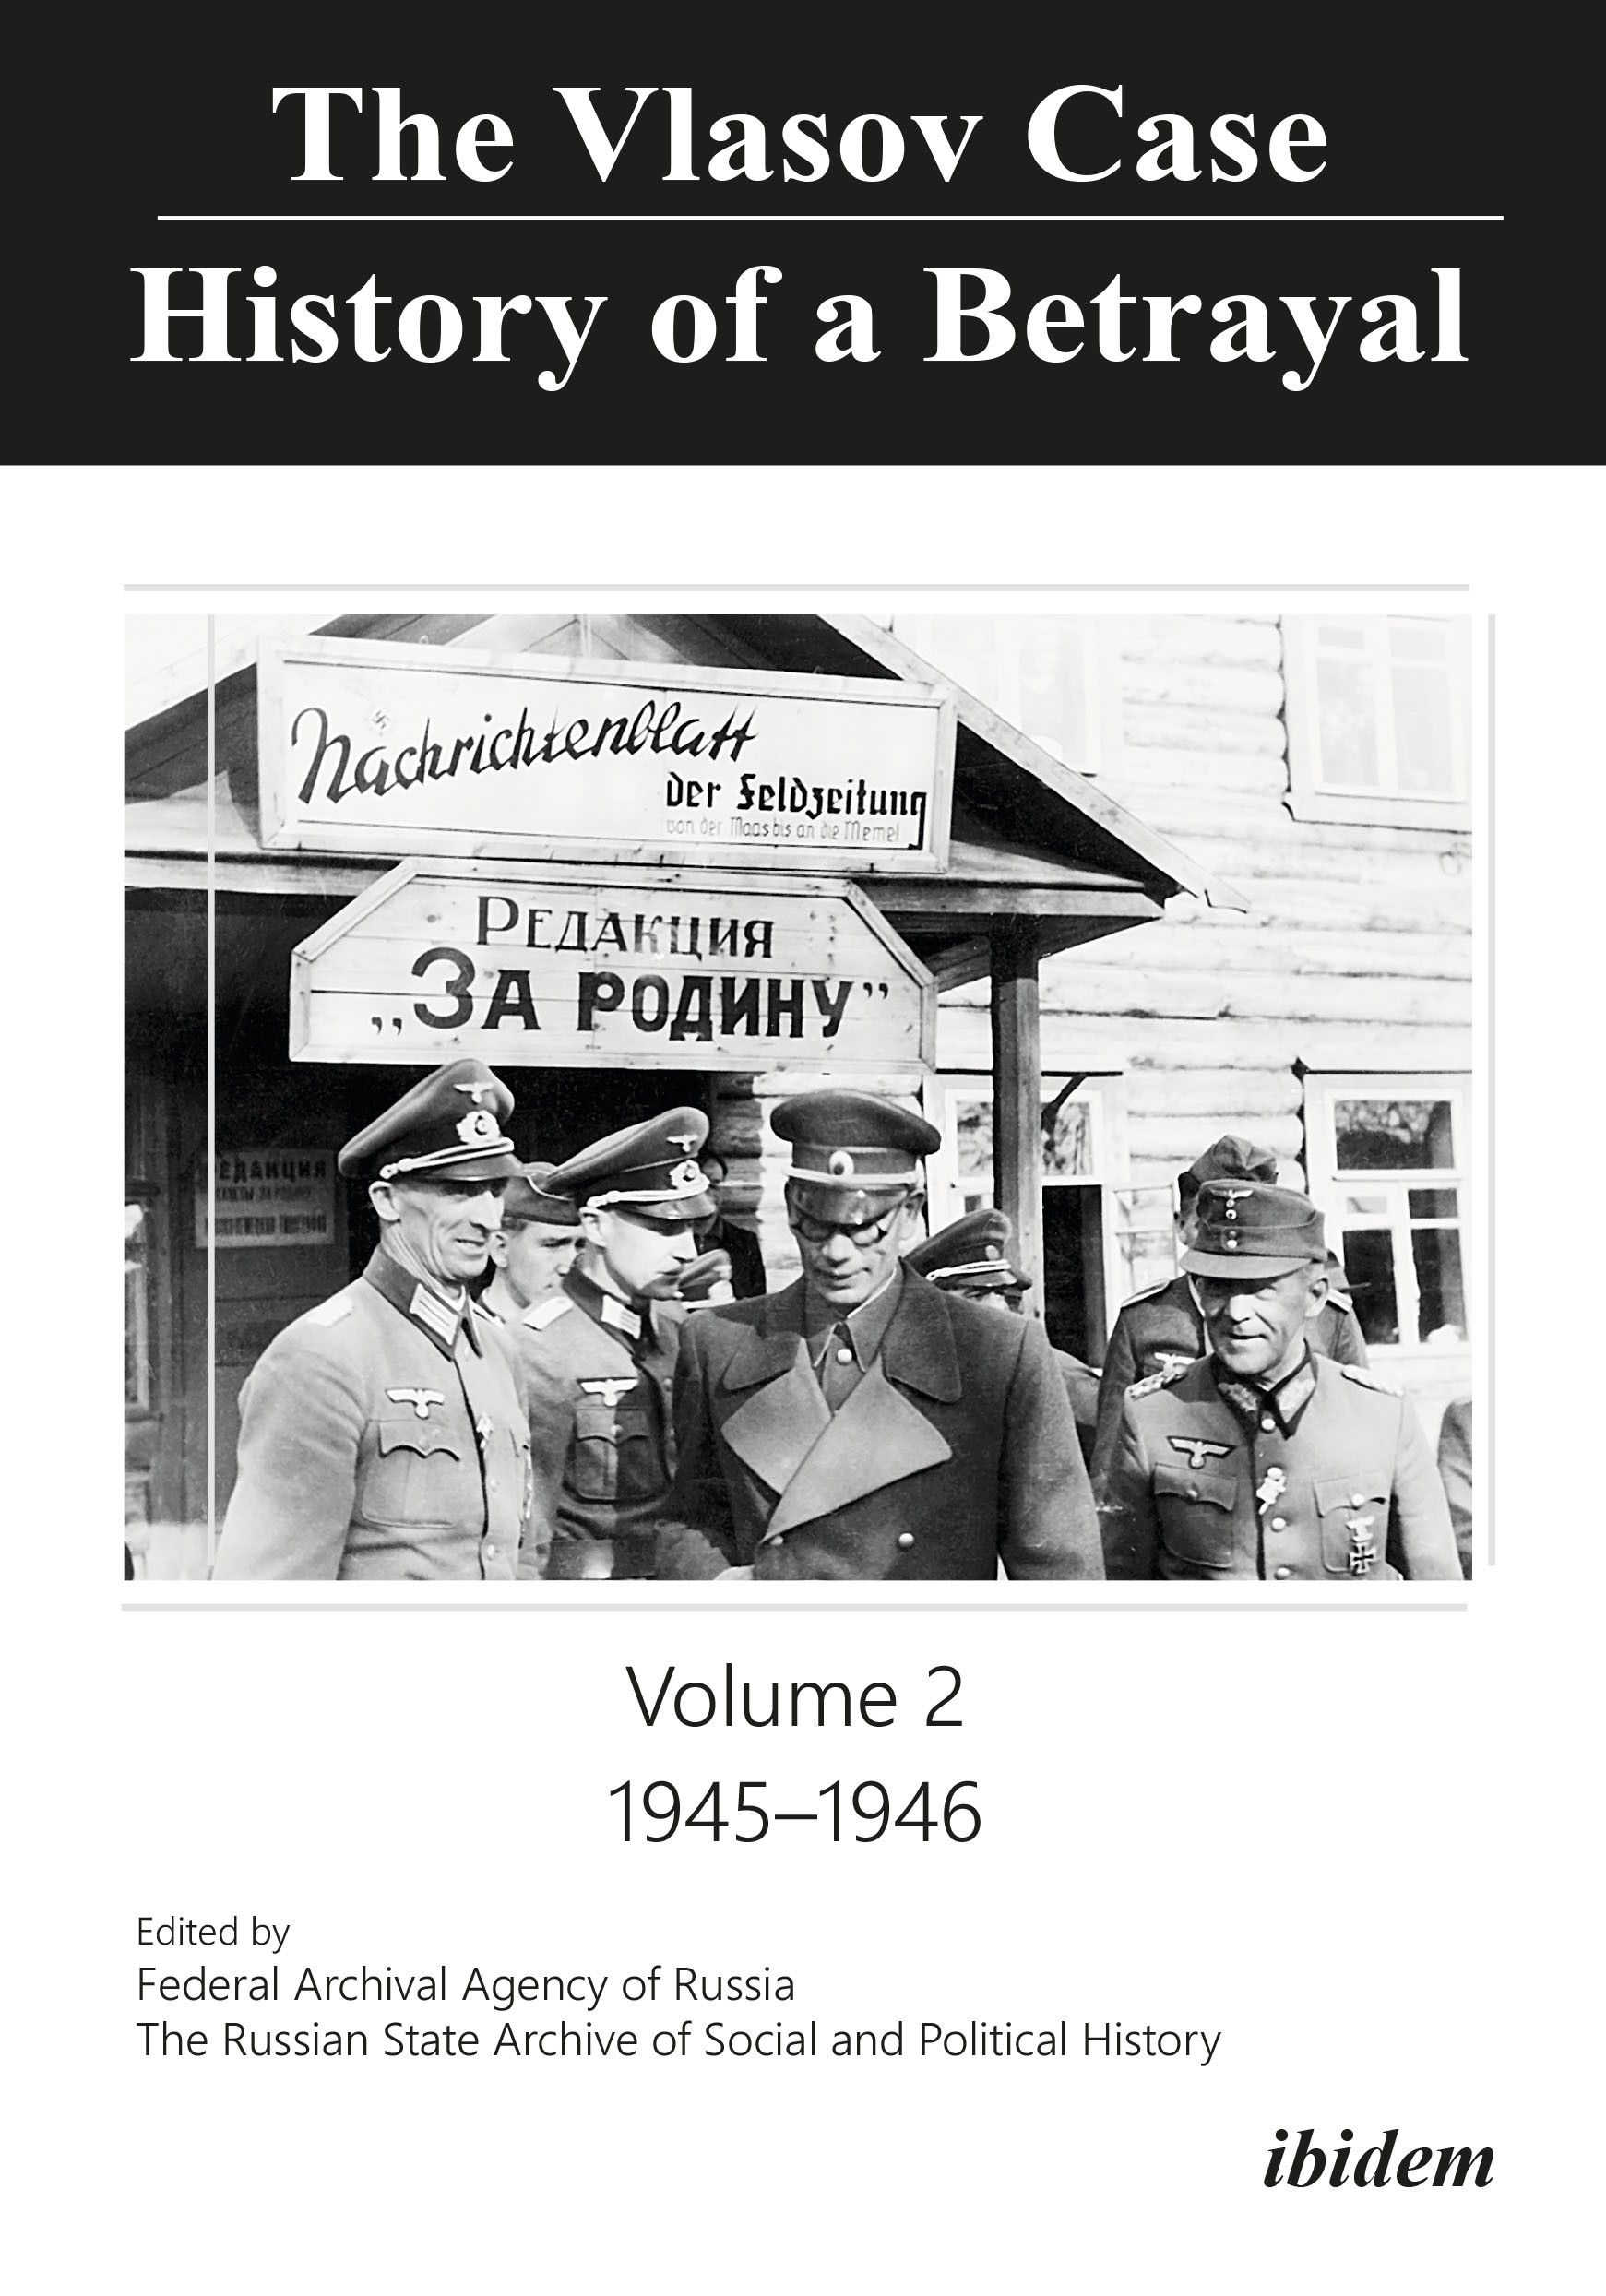 The Vlasov Case: History of a Betrayal